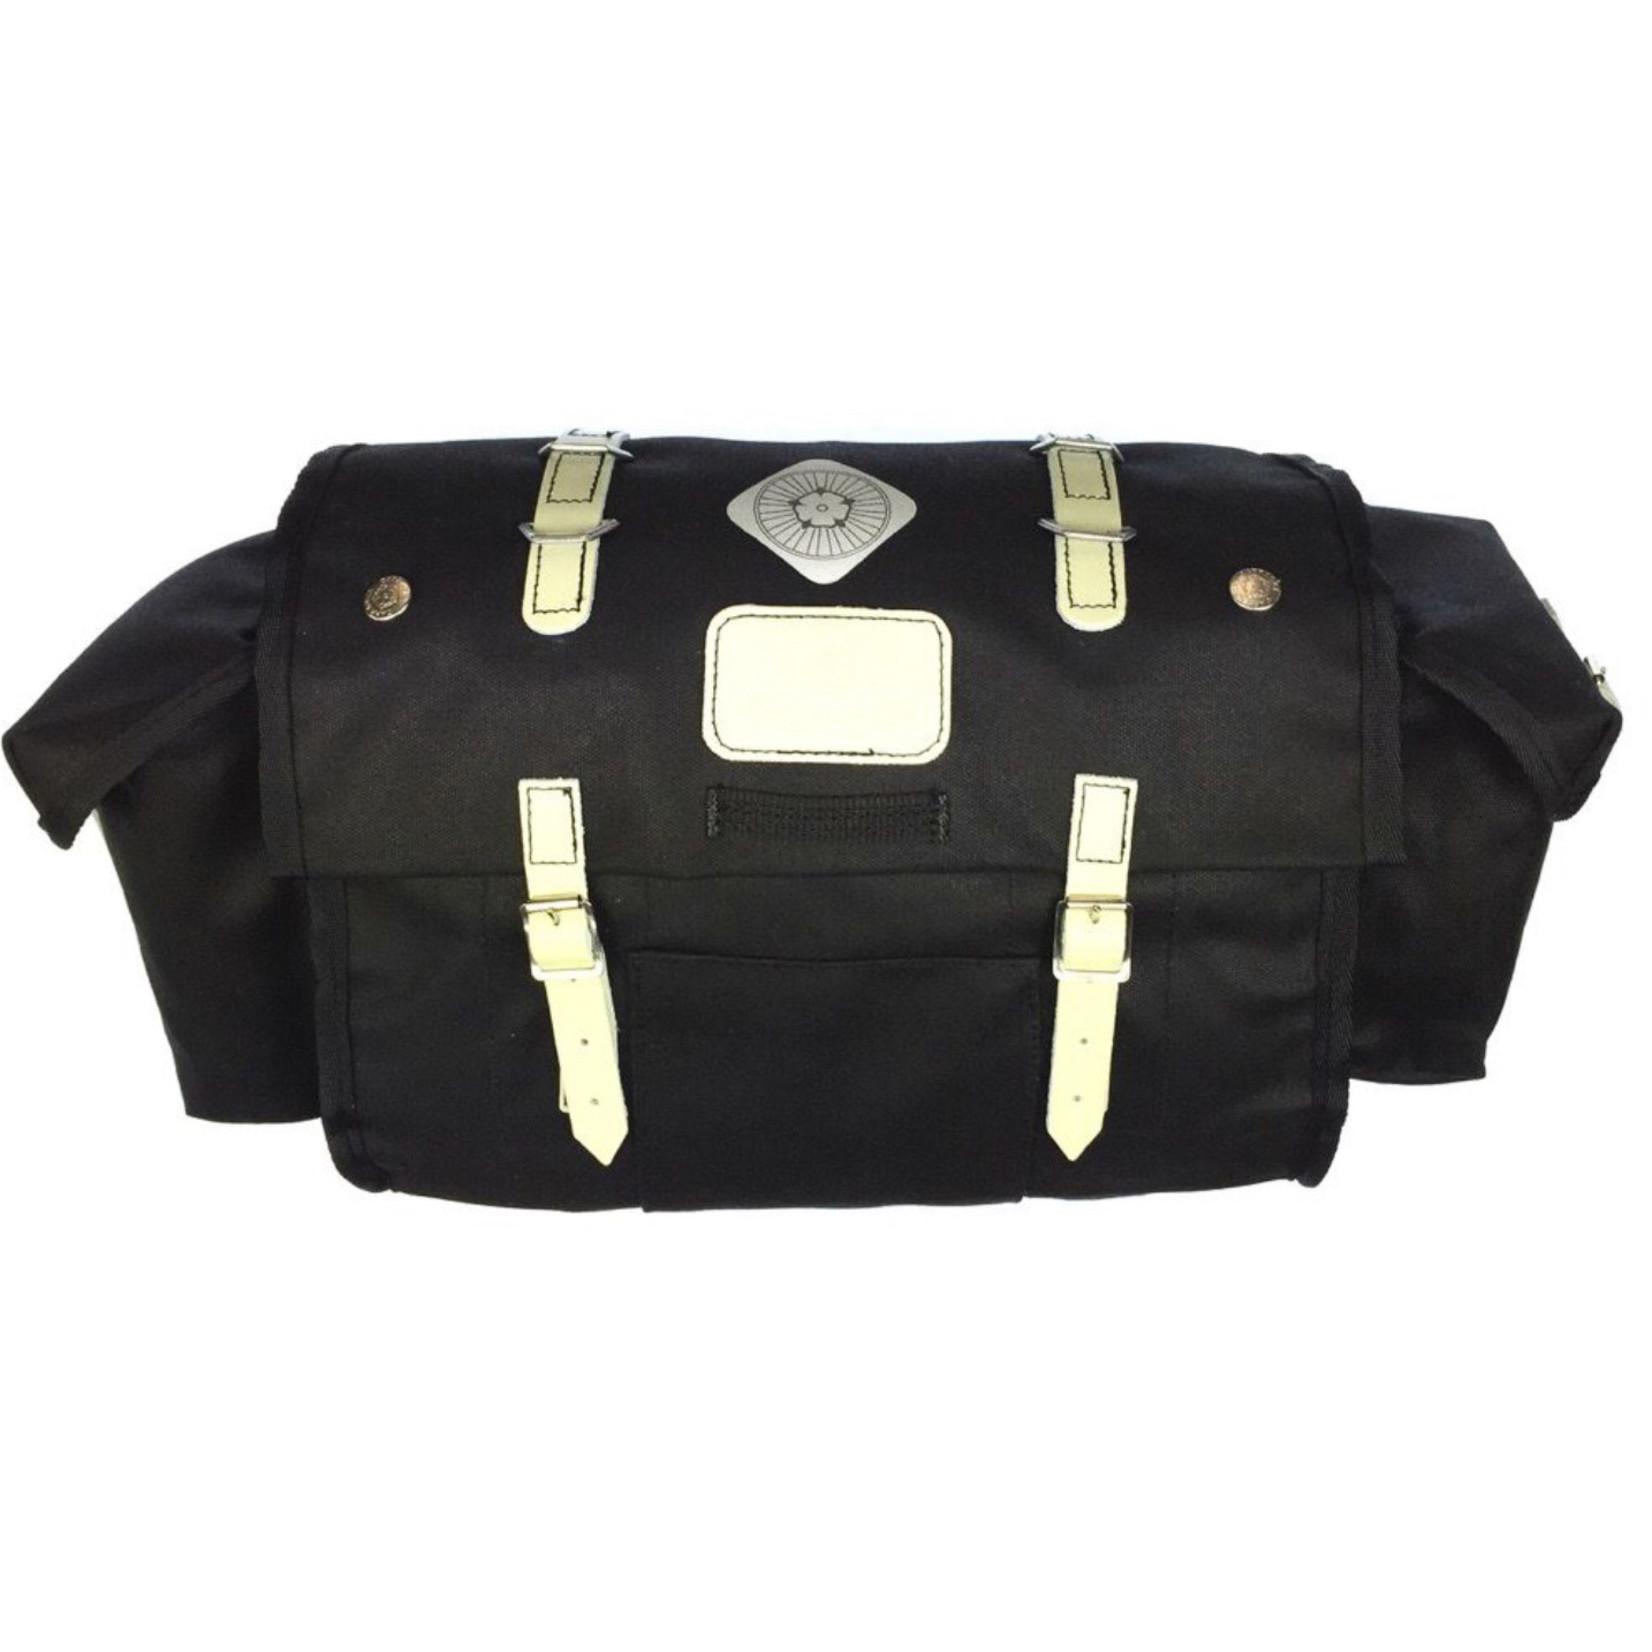 Carradice Carradice Camper Longflap Saddle Bag